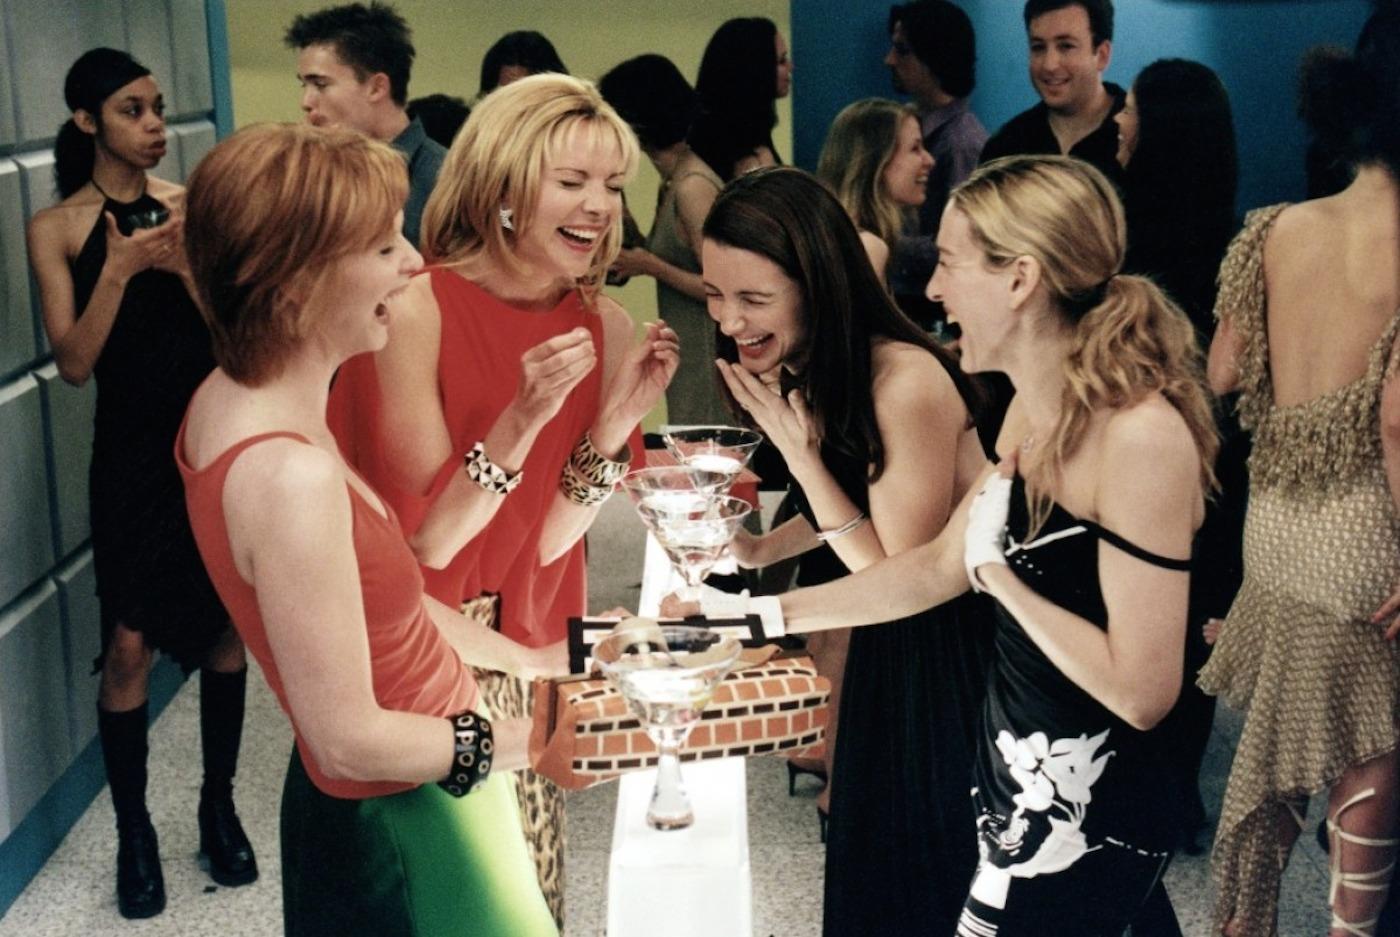 Gruppenfoto ohne Mann: Miranda, Samantha, Charlotte und Carrie. (v.l.)